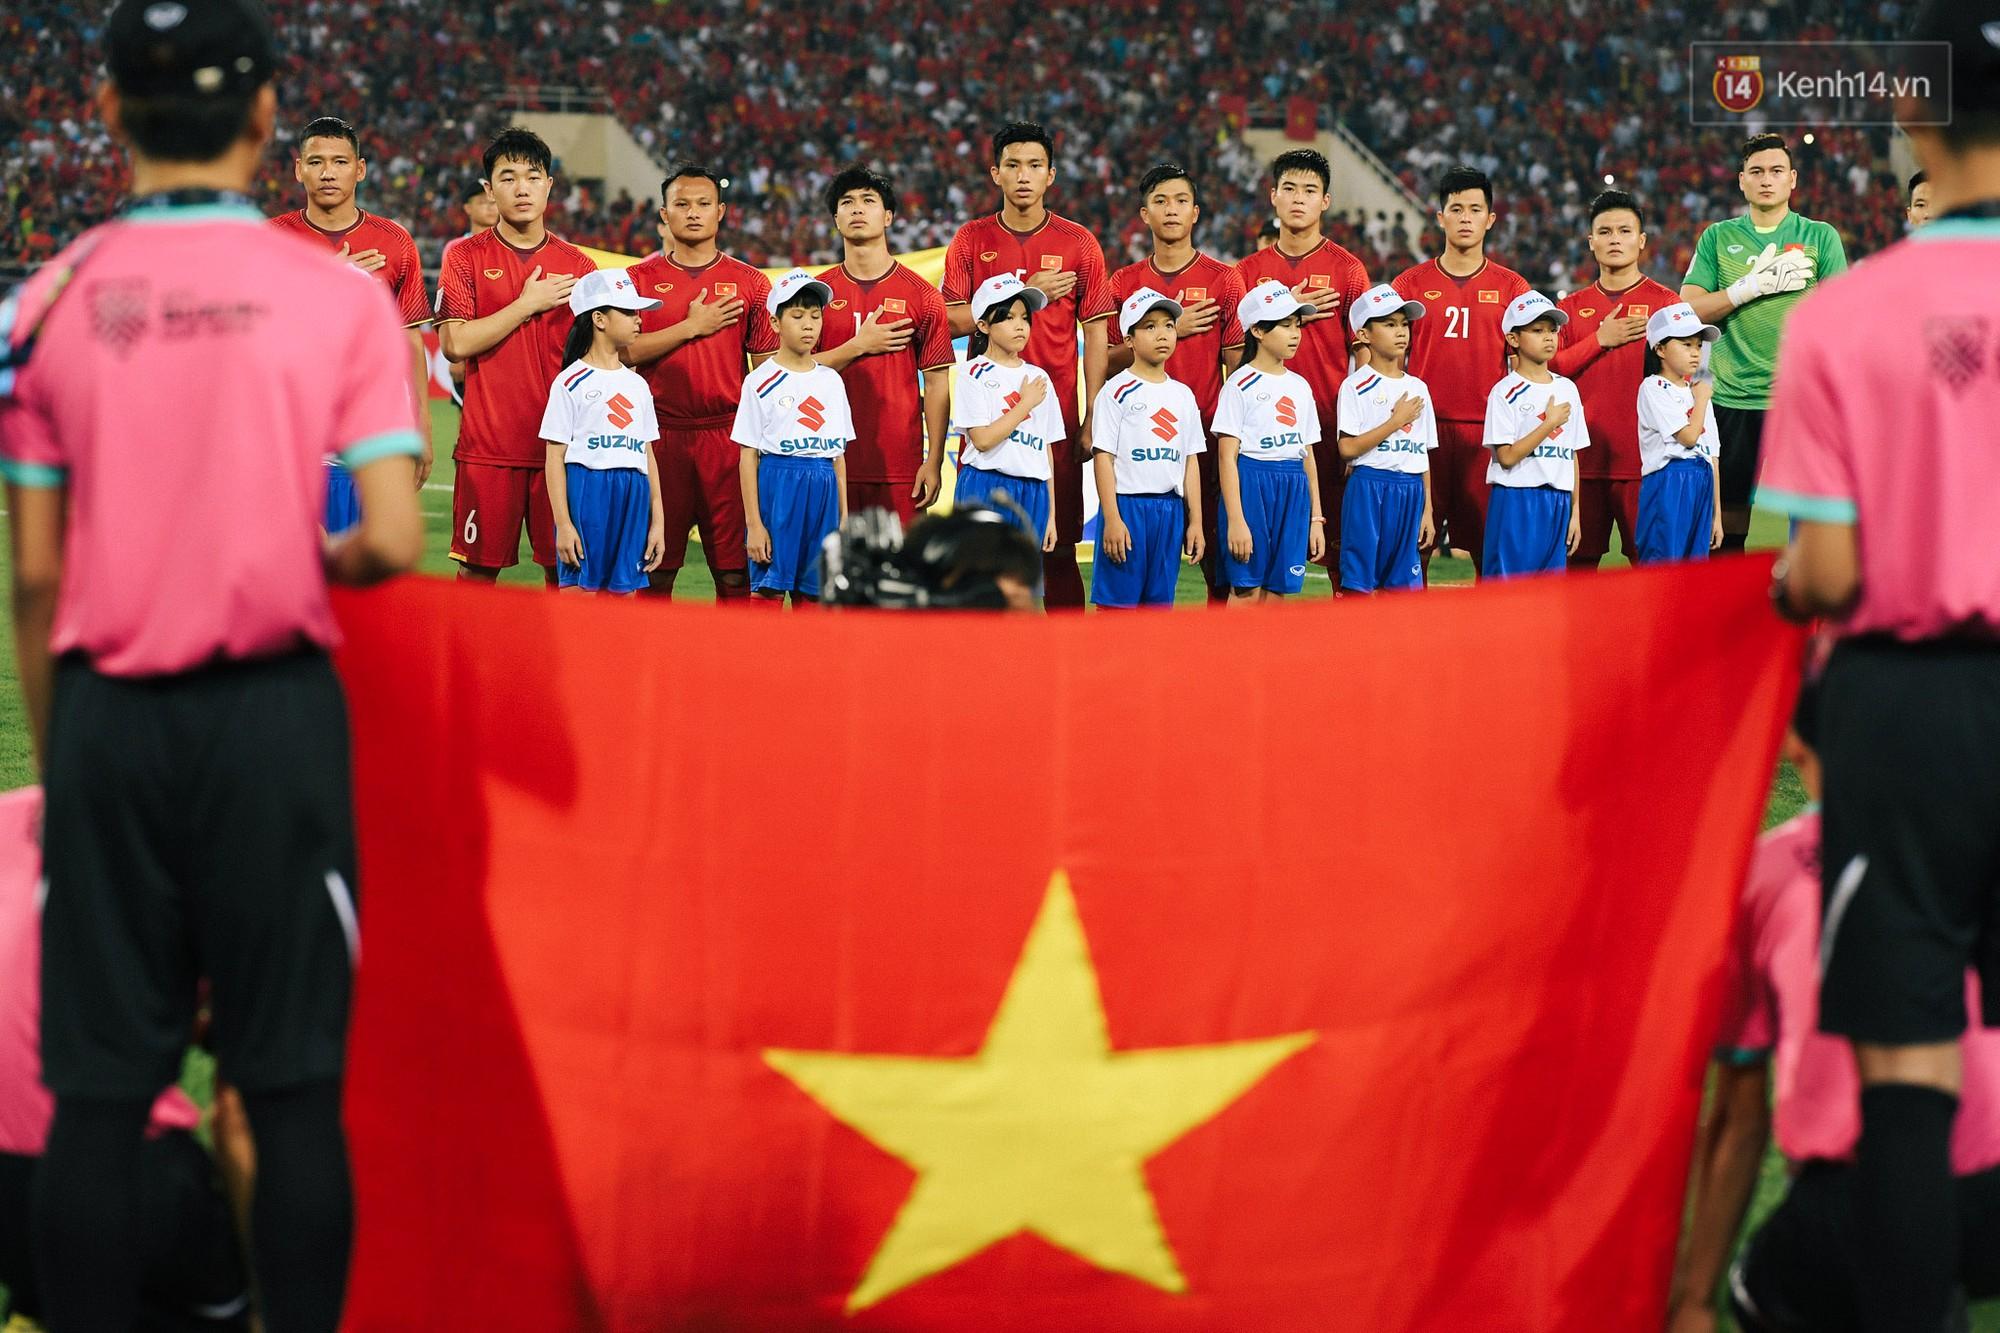 Vẫn còn quá sớm để mơ mộng, nhưng tuyển Việt Nam không vô địch thì hơi phí! - Ảnh 2.